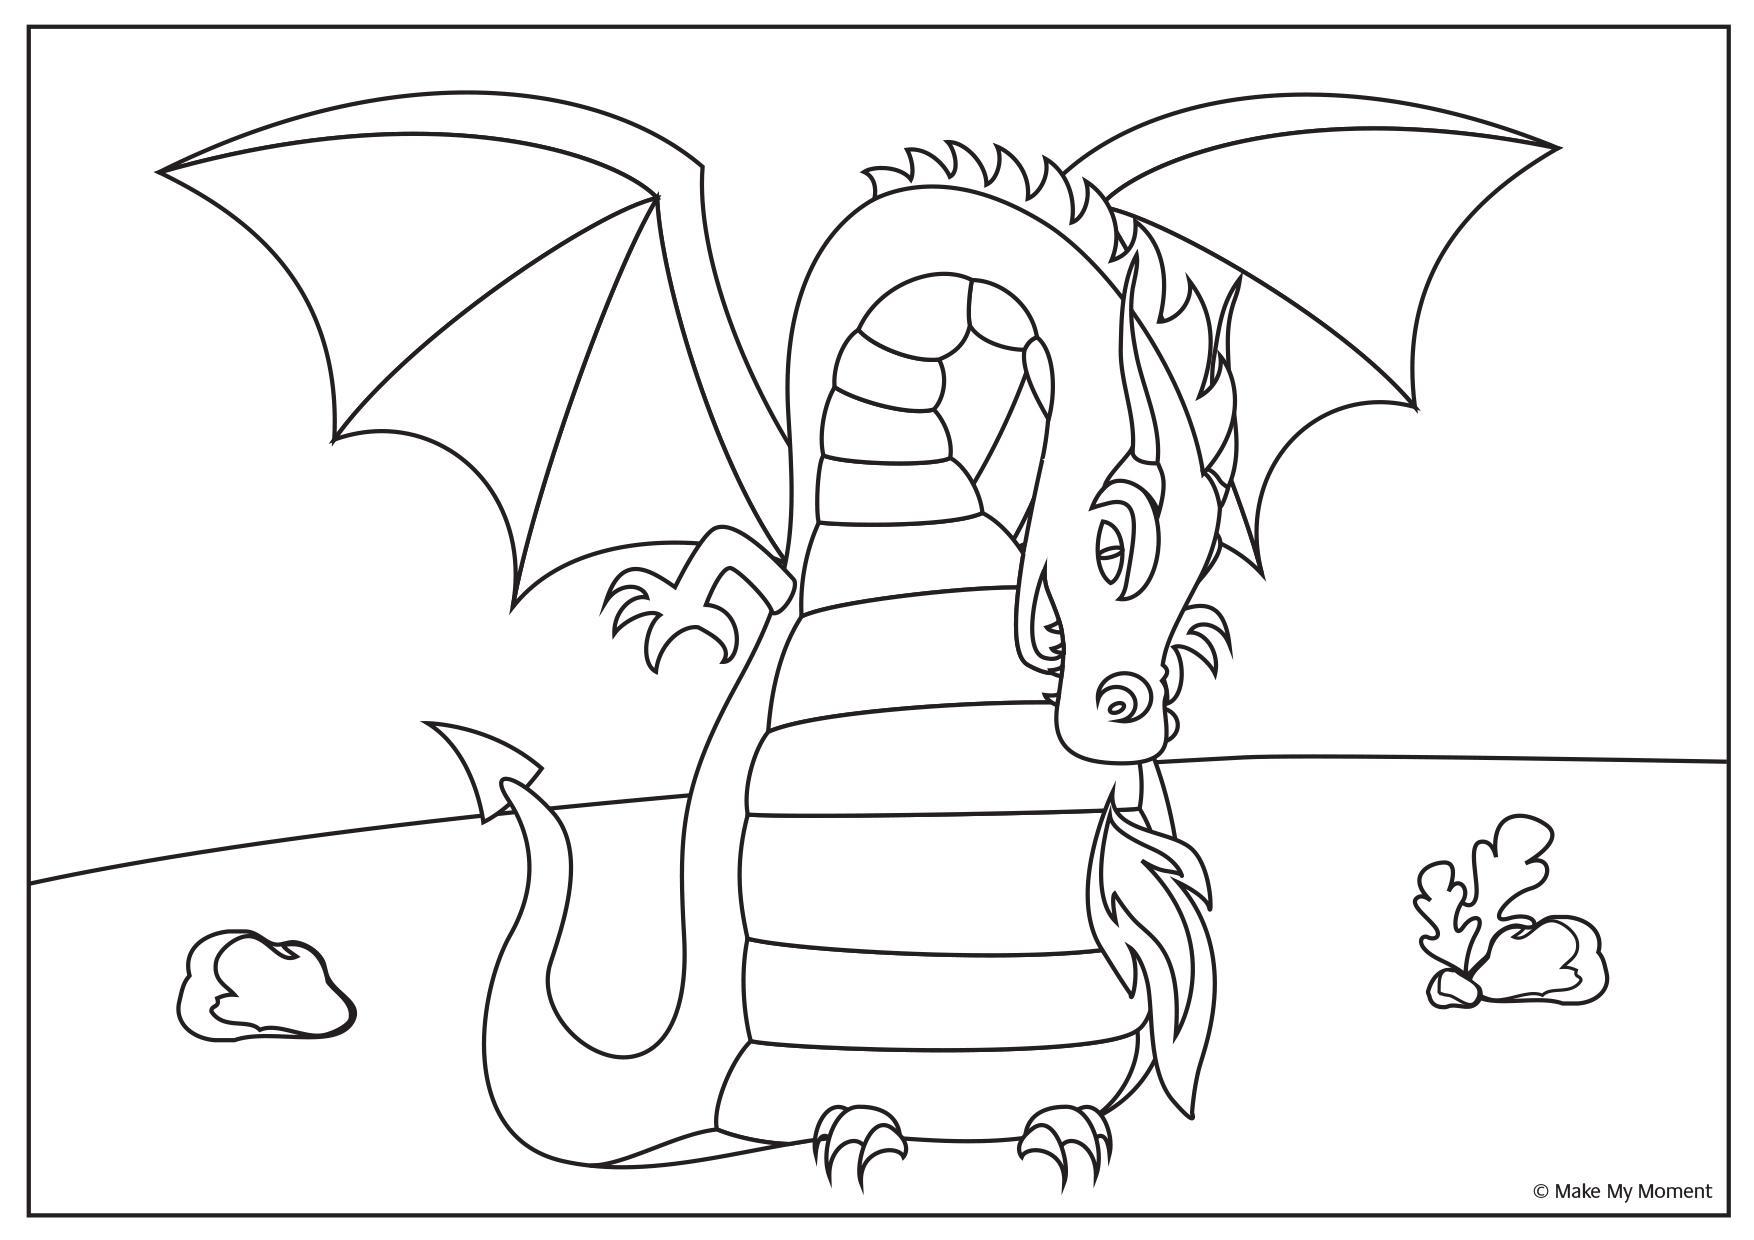 Gratis Kleurplaten Draken.Kleurplaat Voor Kinderfeestje